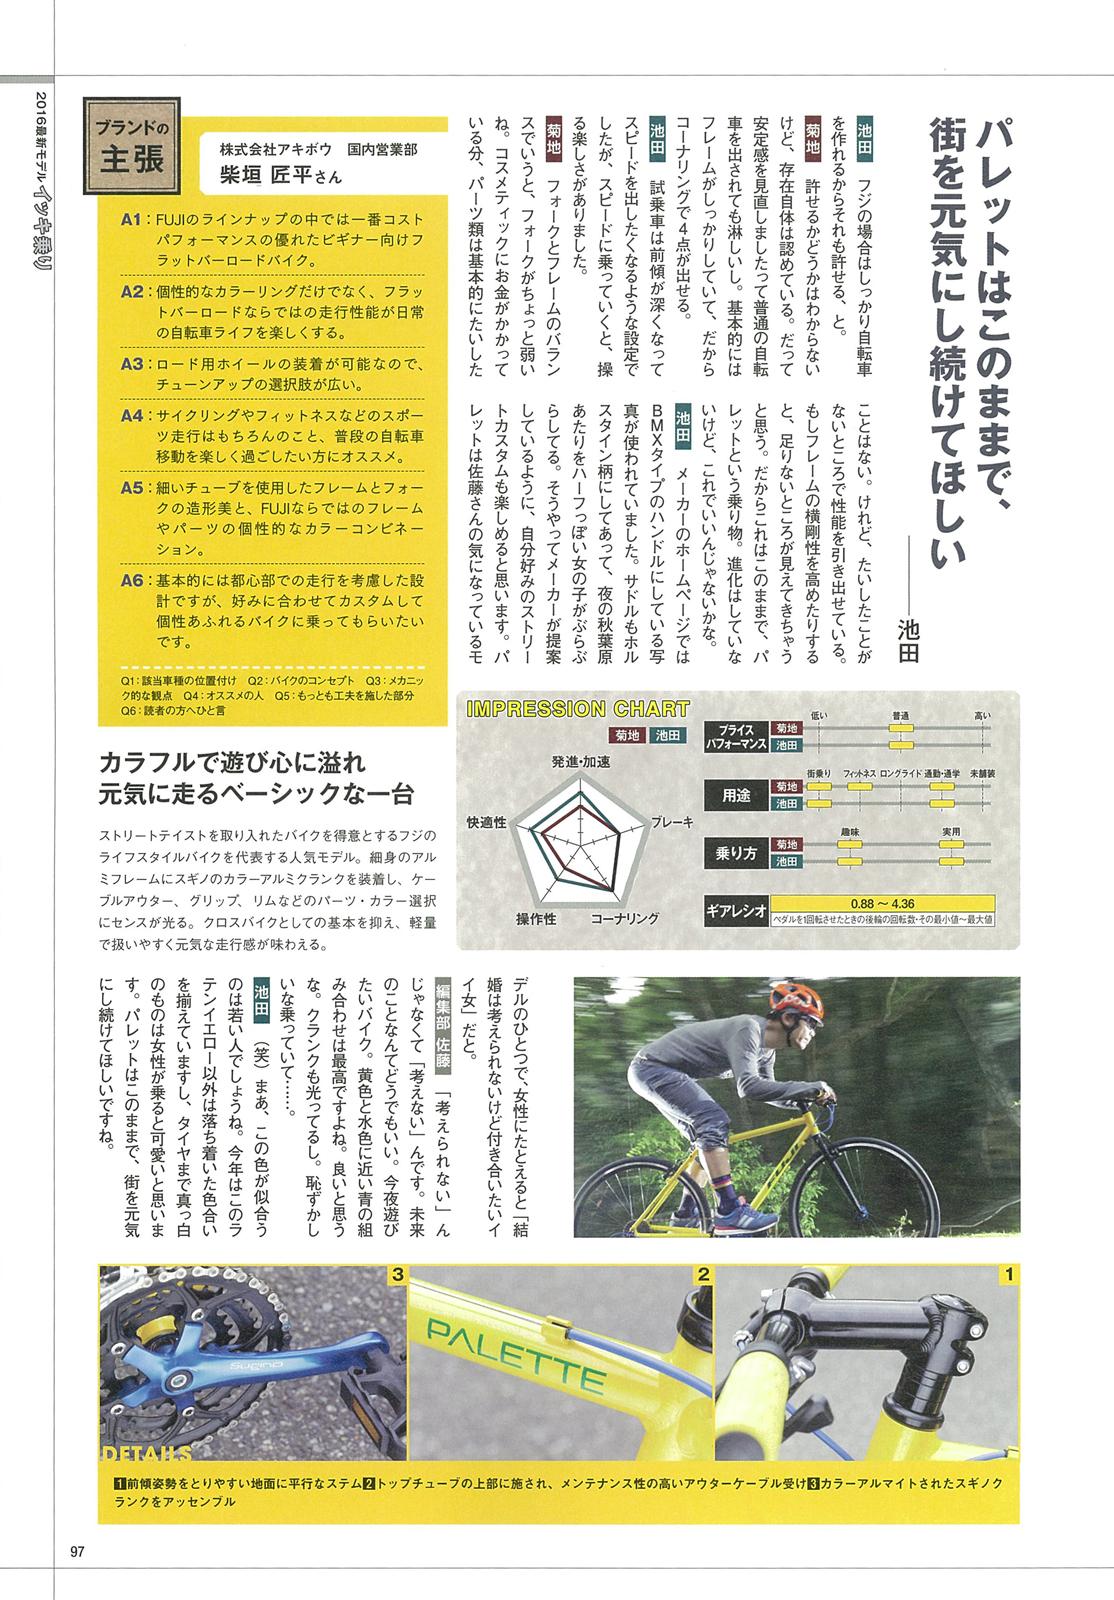 クロスバイク購入完全ガイド  コスミック出版  …